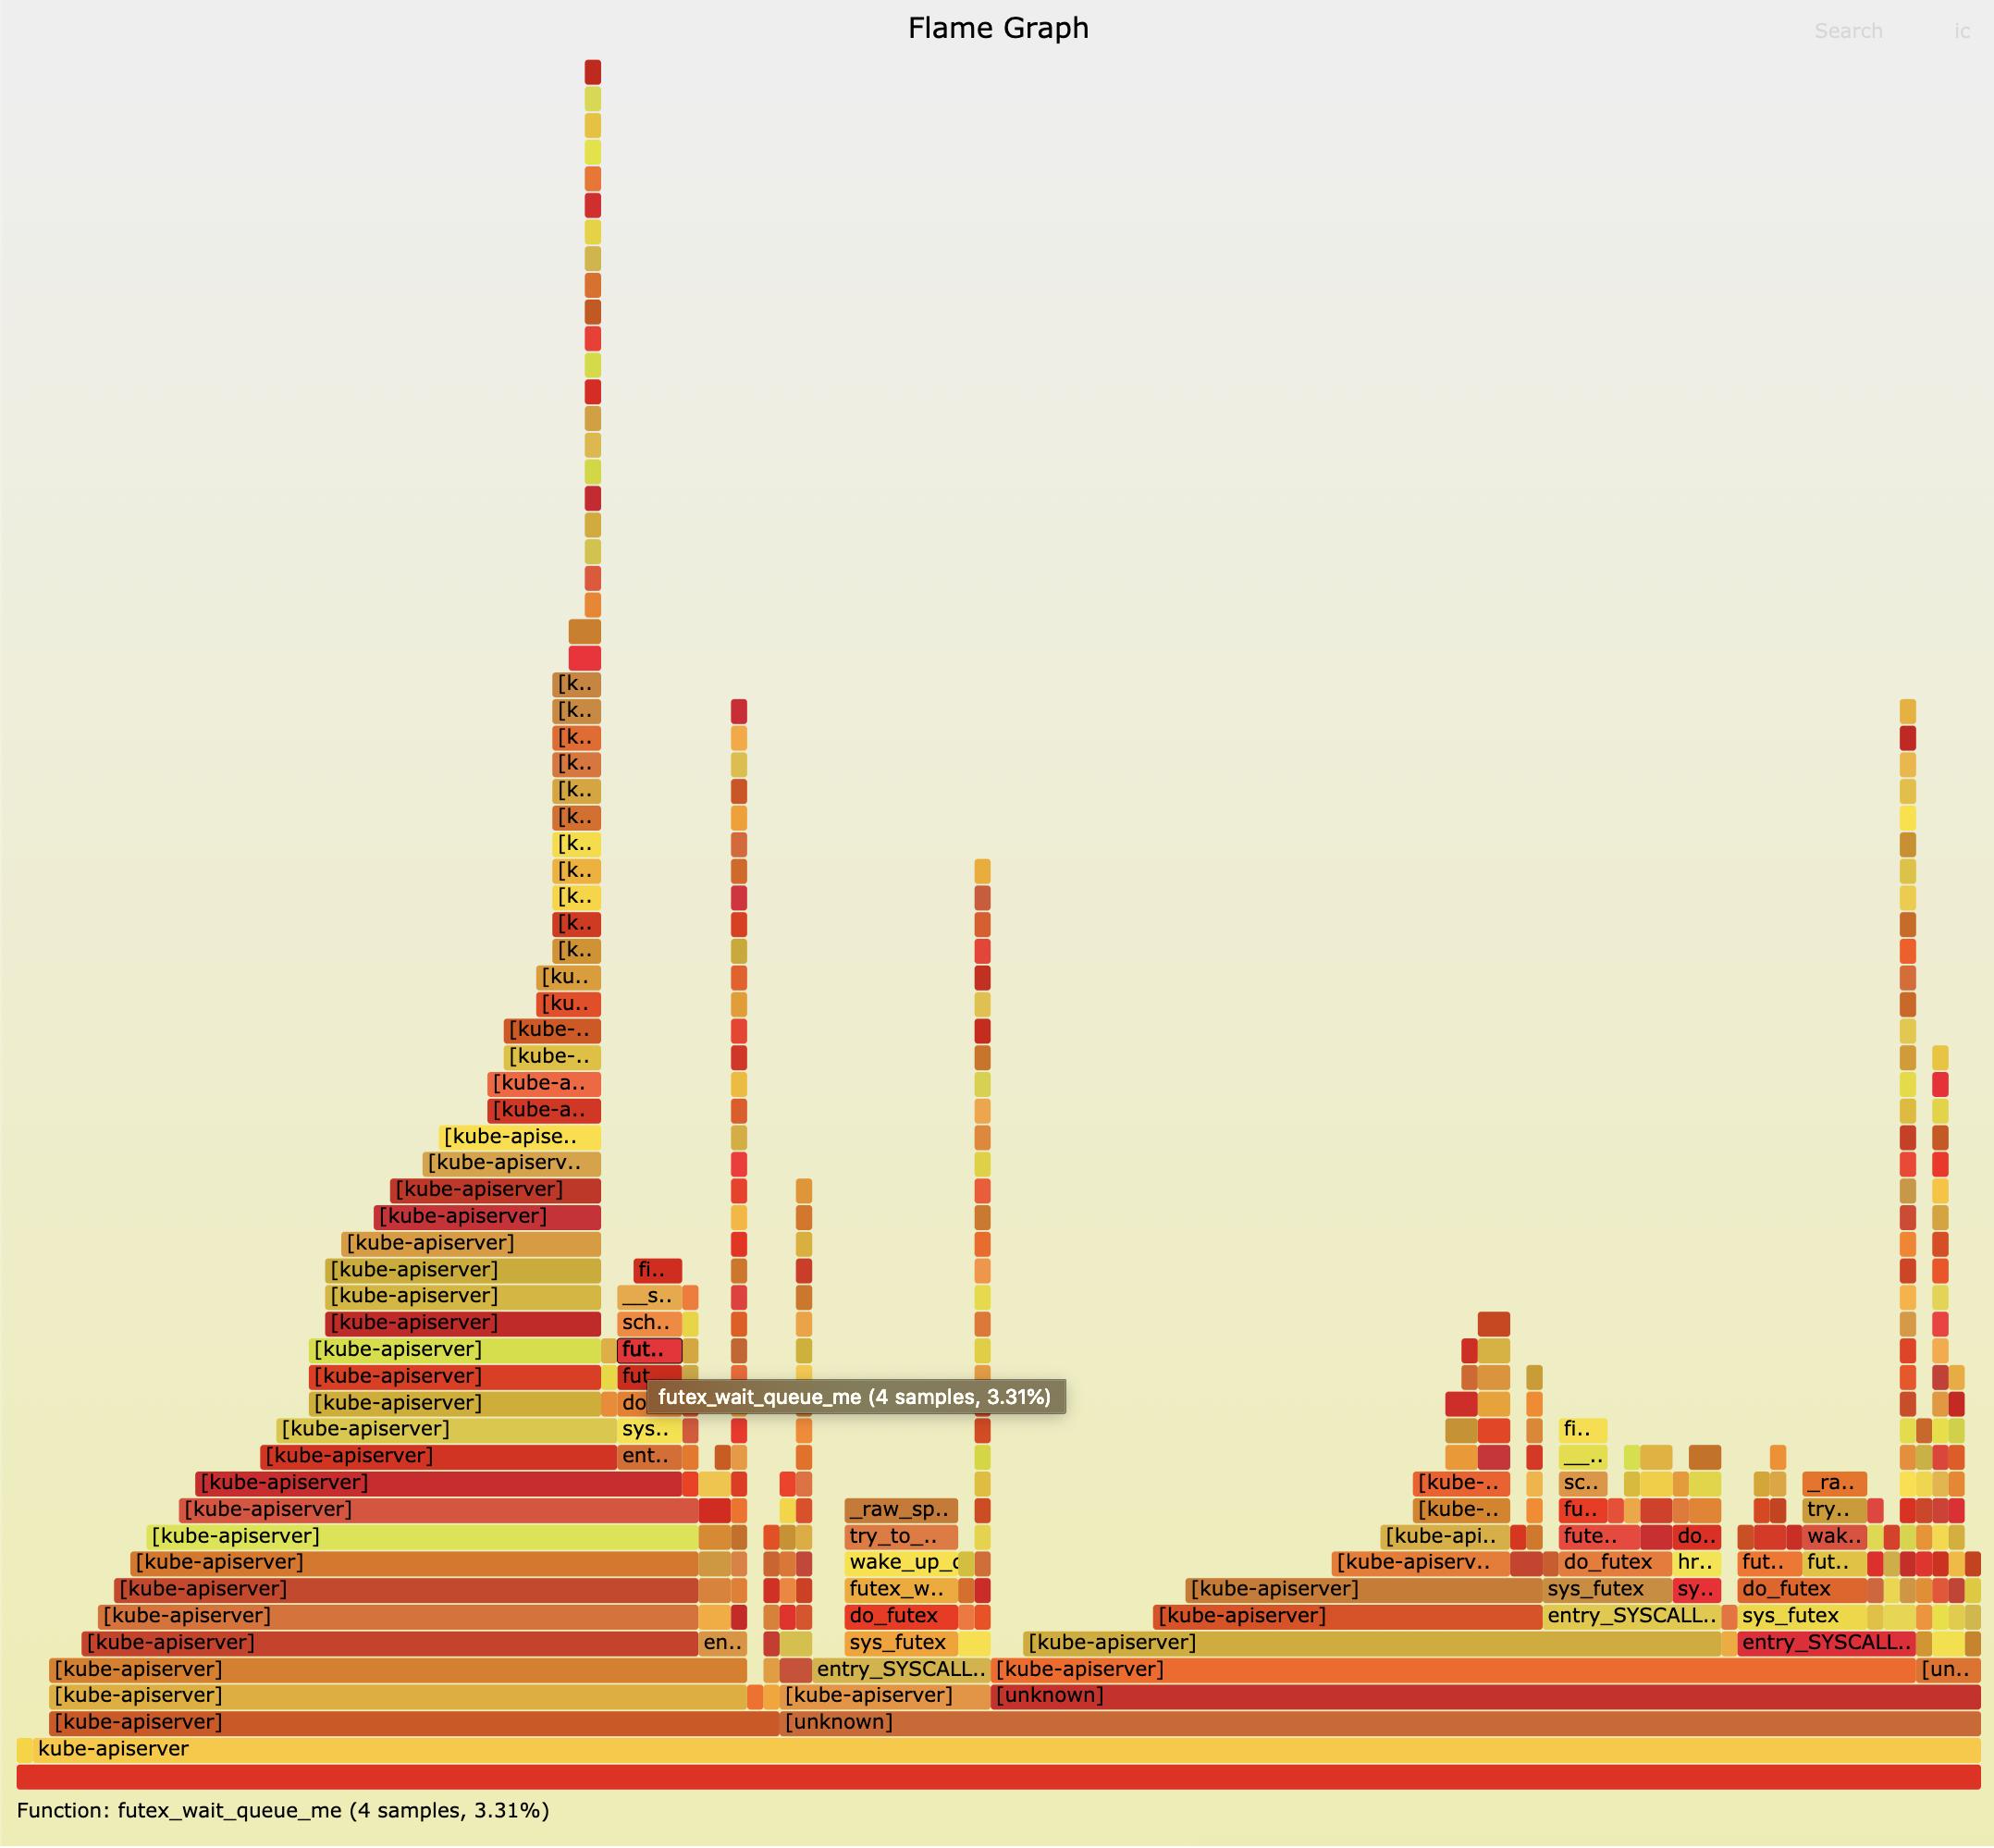 火焰图:全局视野的Linux性能剖析